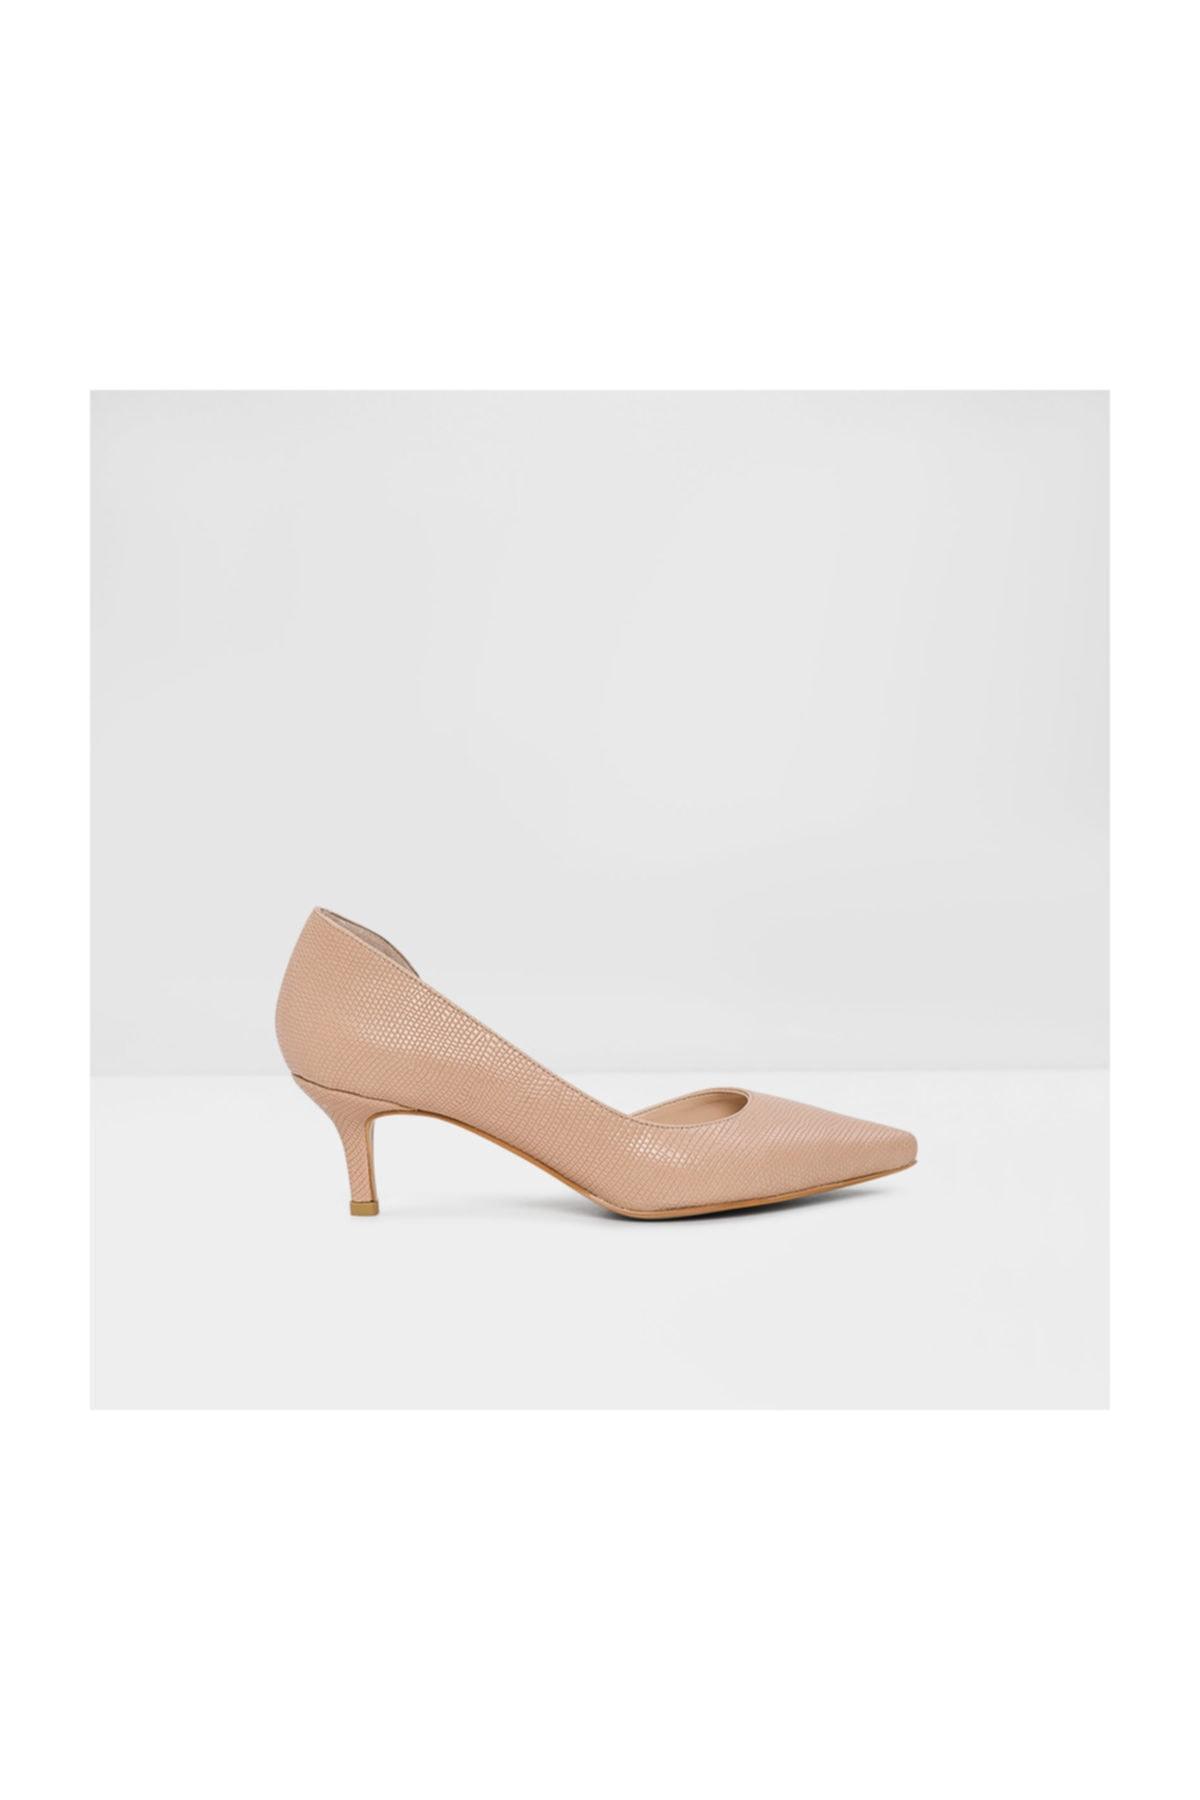 Aldo Nyderındra-tr - Bej Kadın Topuklu Ayakkabı 1